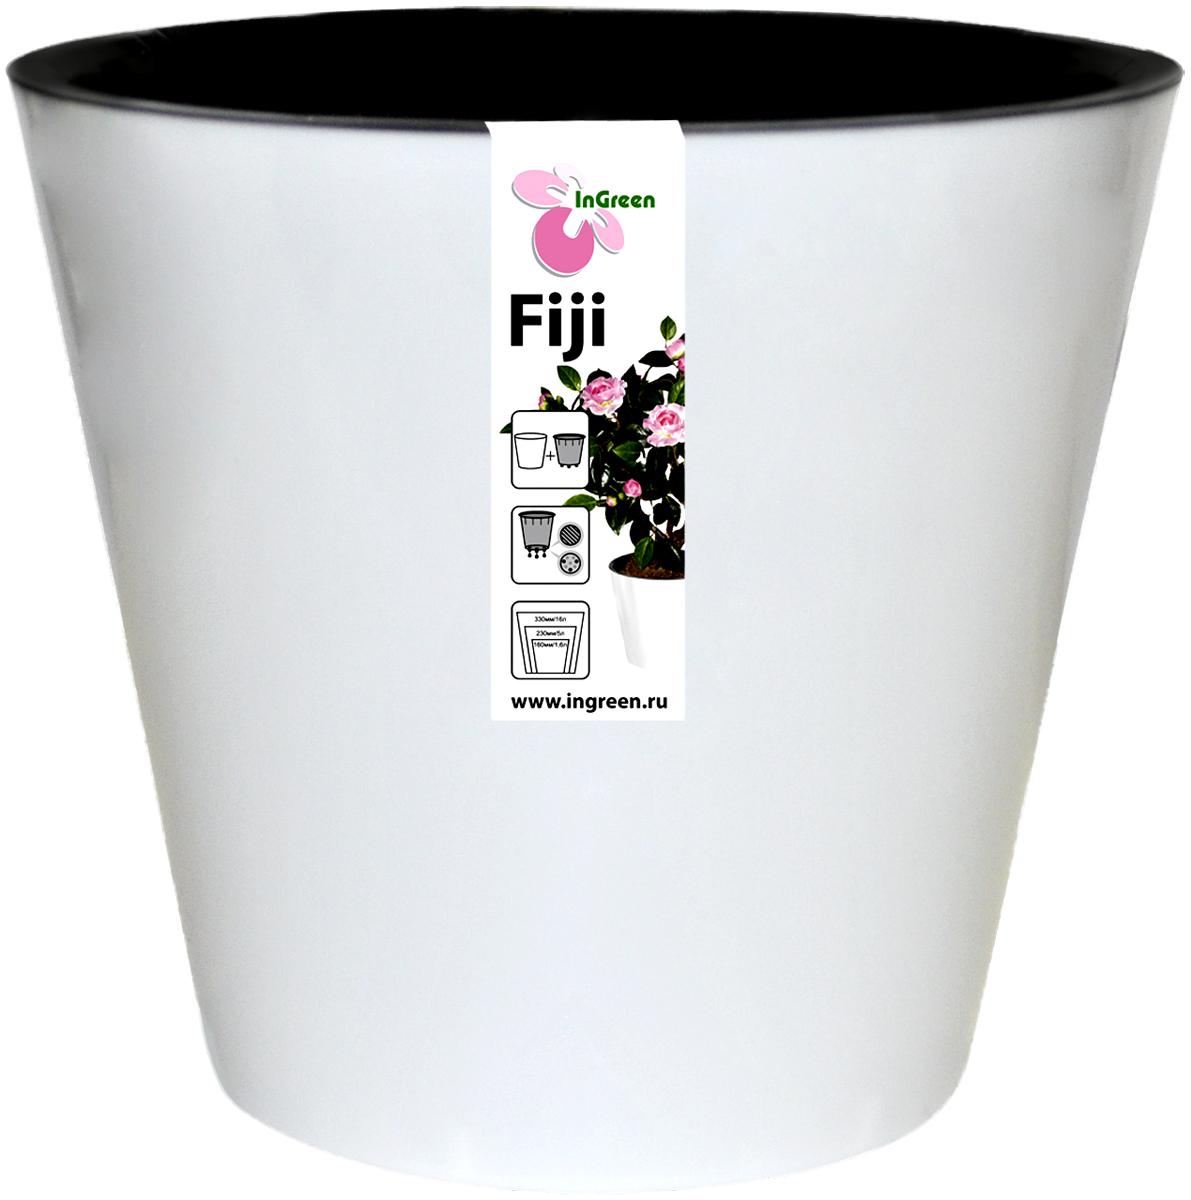 """Горшок для цветов InGreen """"Фиджи"""", с системой автополива, цвет: белый, диаметр 23 см"""